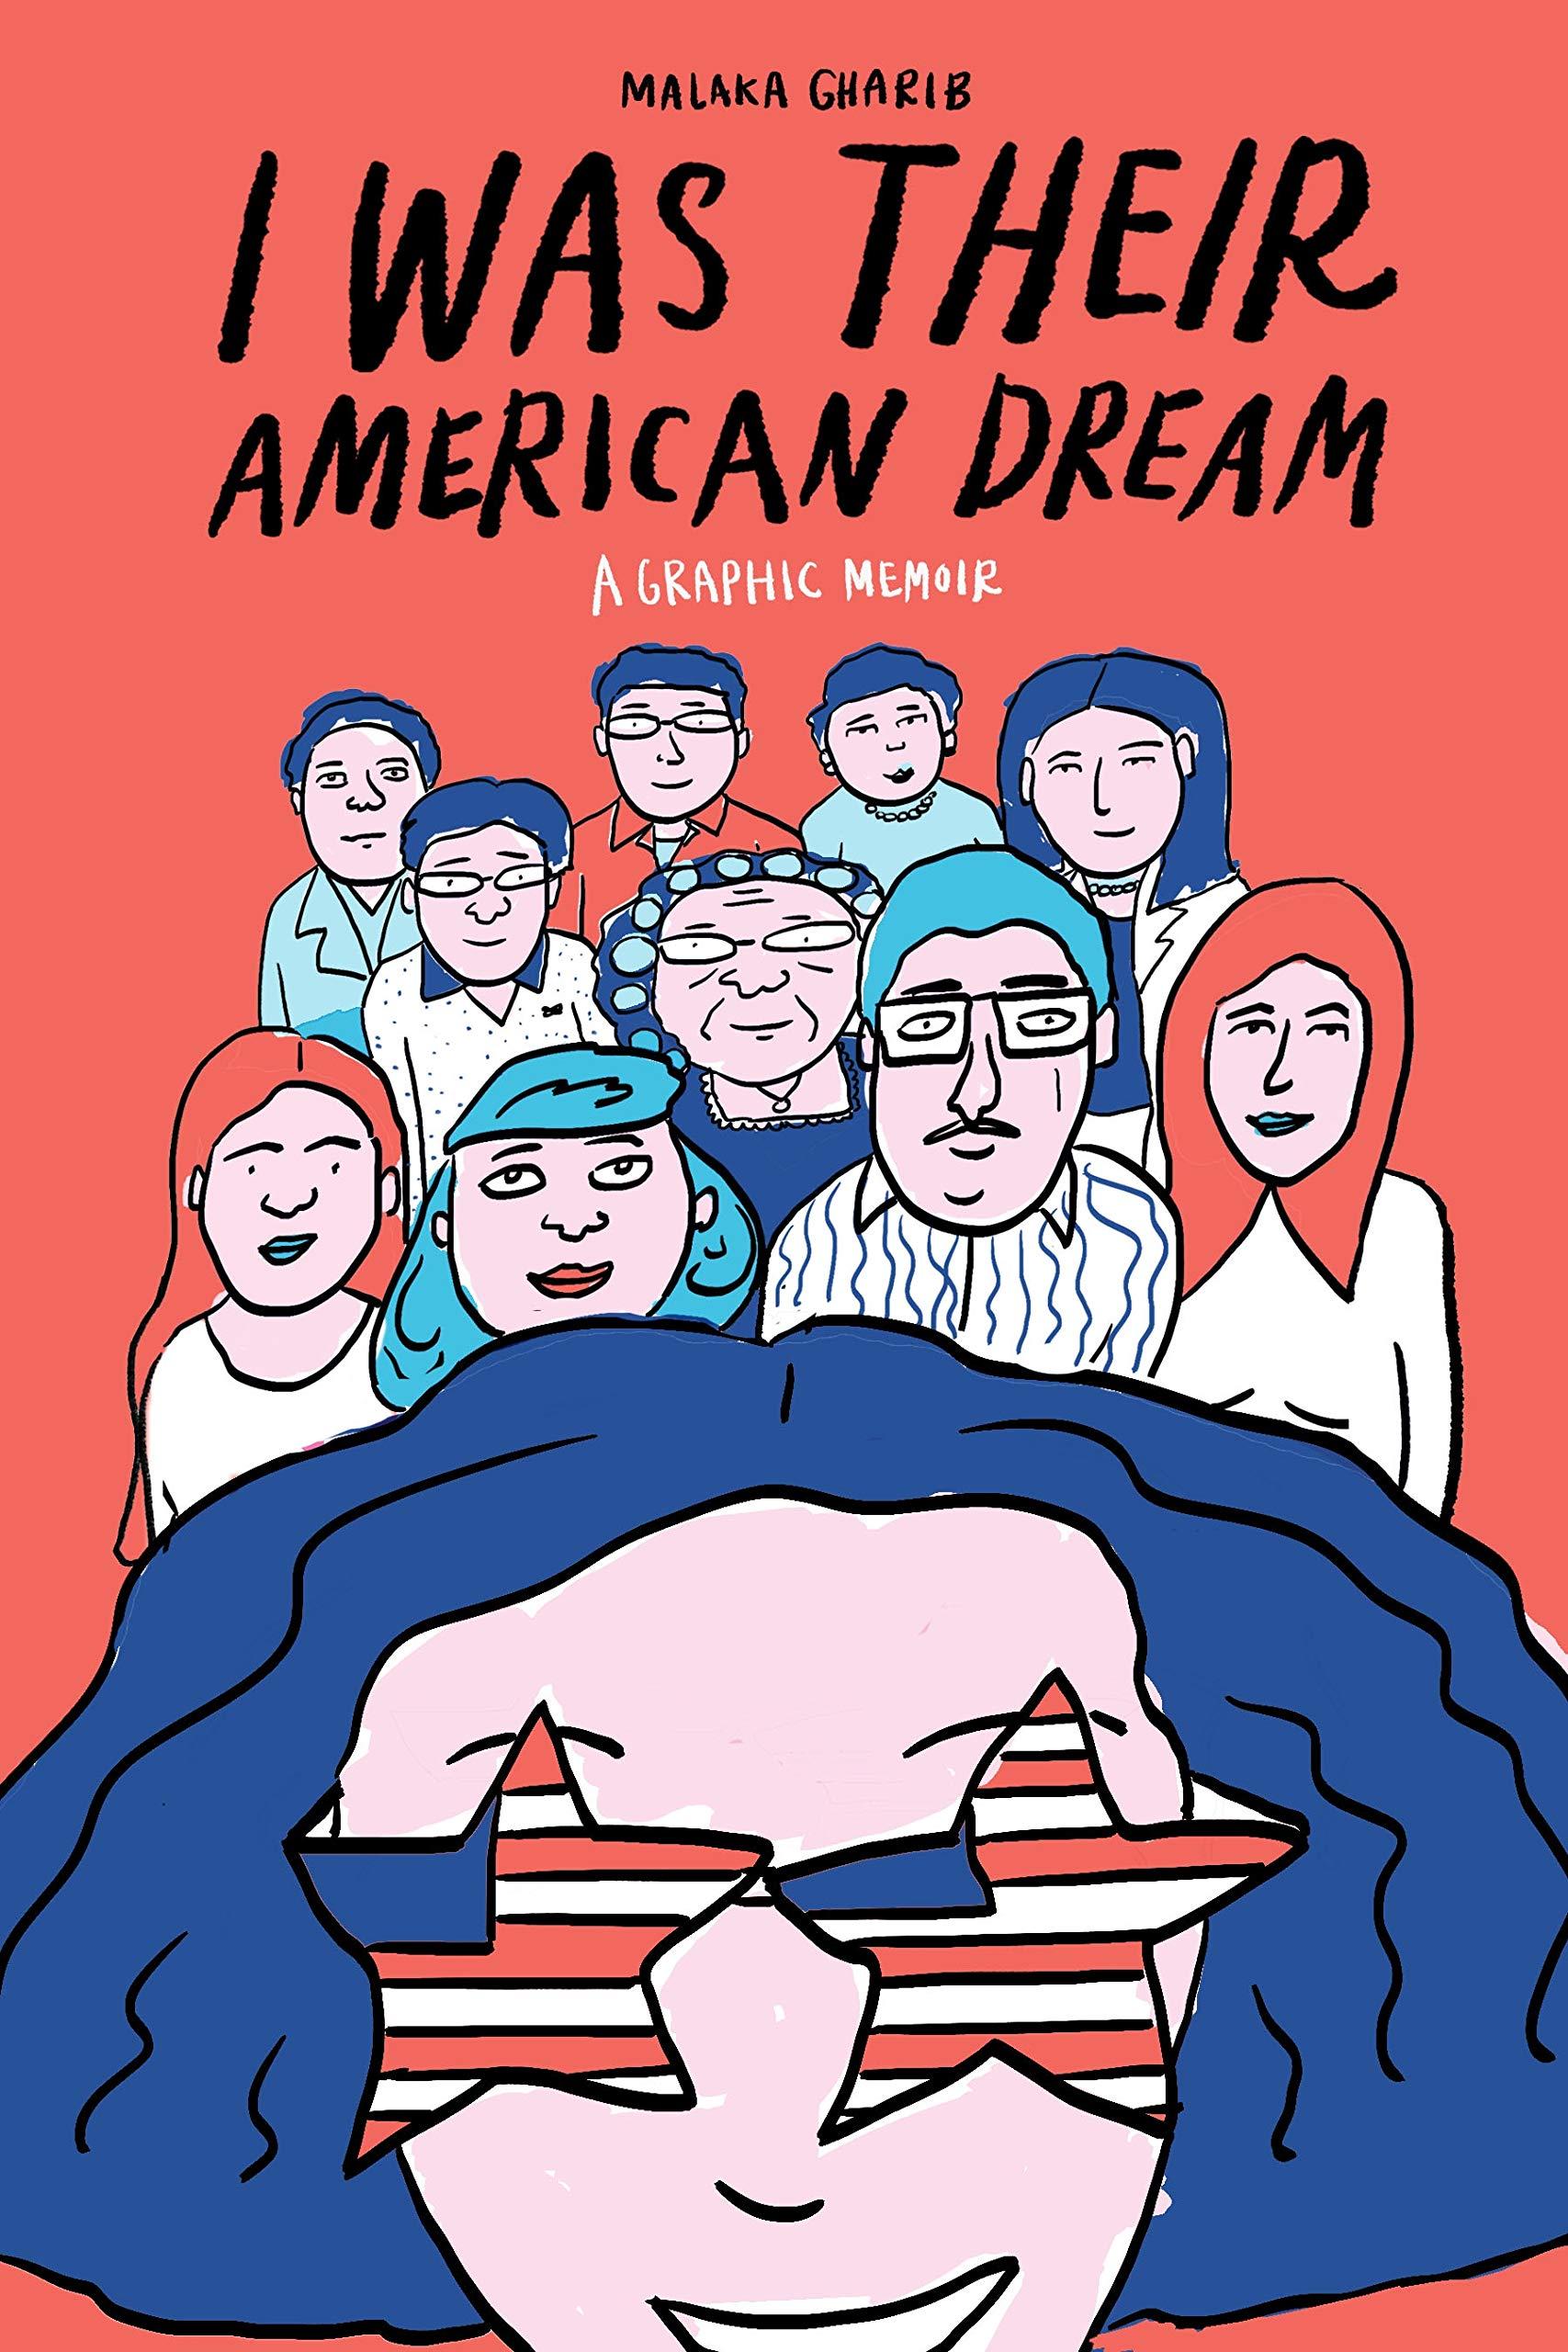 I Was Their American Dream: A Graphic Memoir: Amazon.ca: Gharib, Malaka:  Books